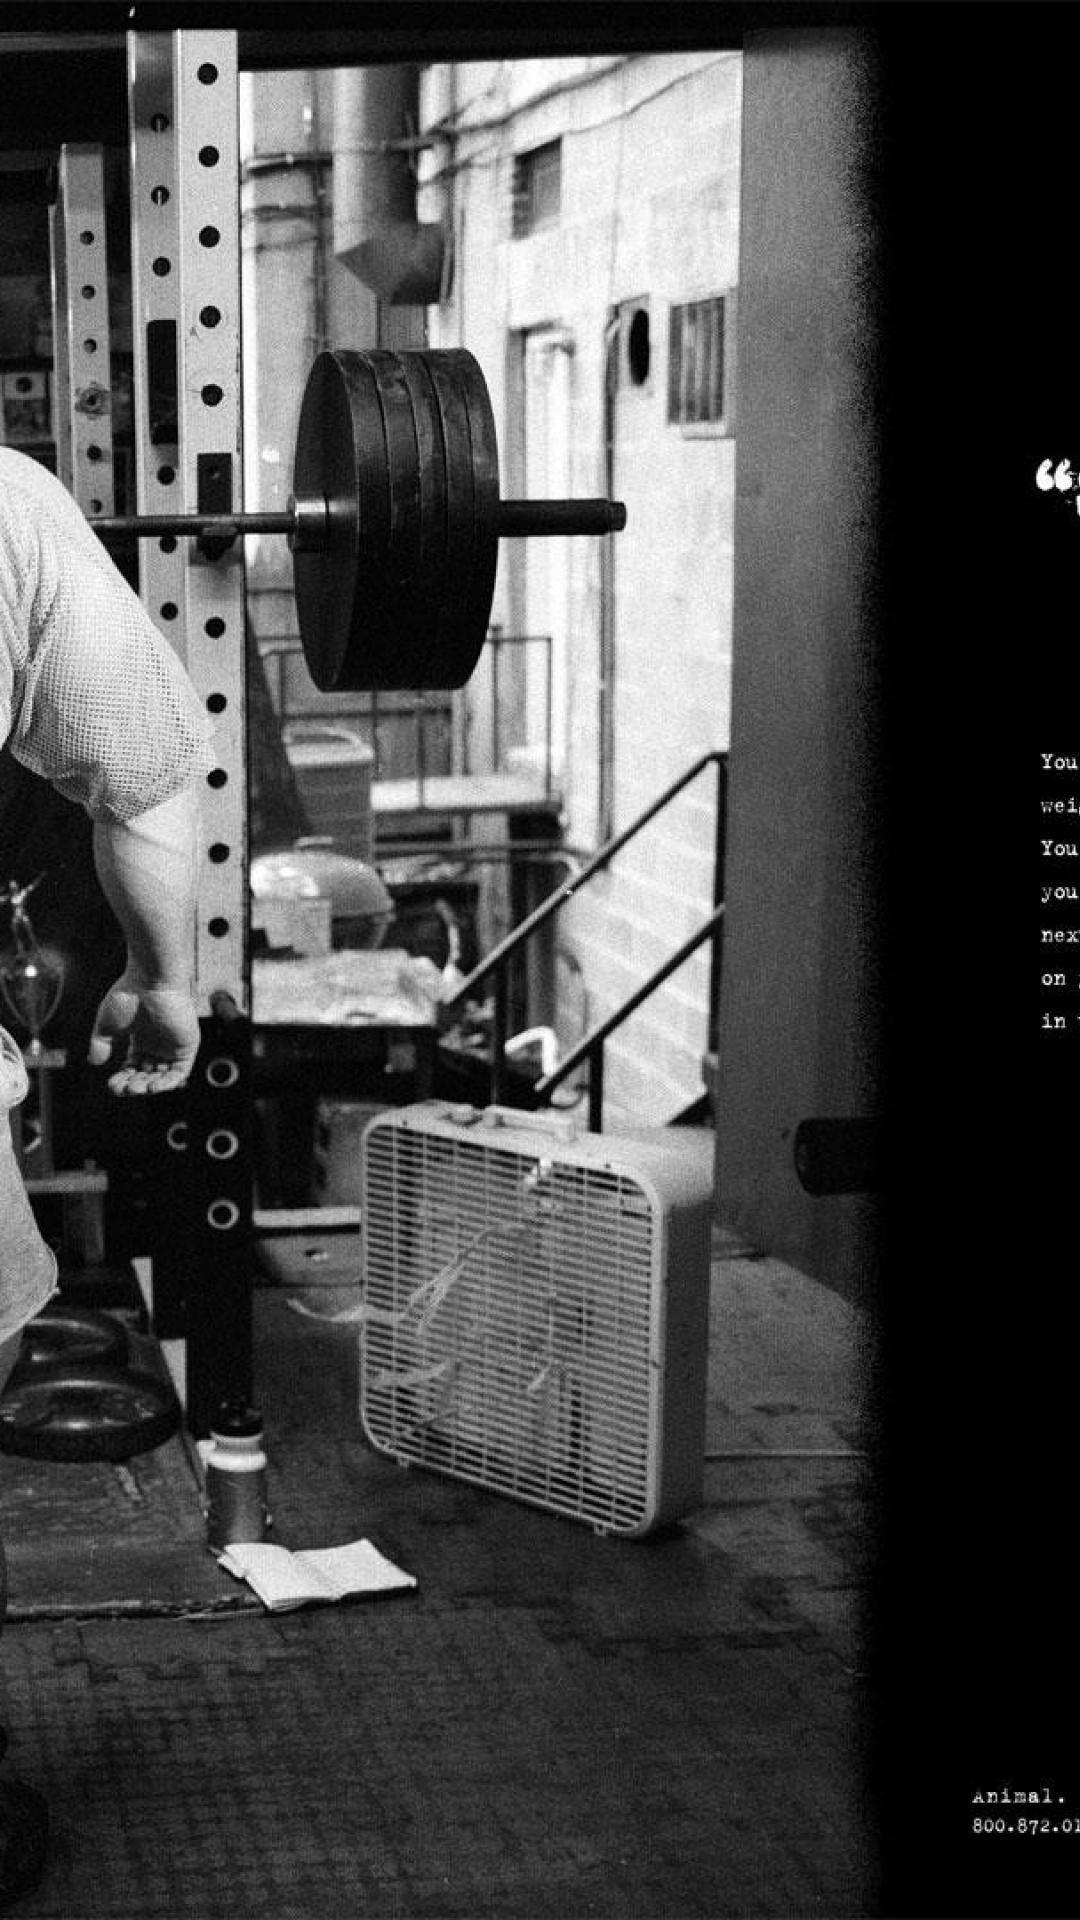 Bodybuilding Wallpaper Iphone X Fitness Disciplines